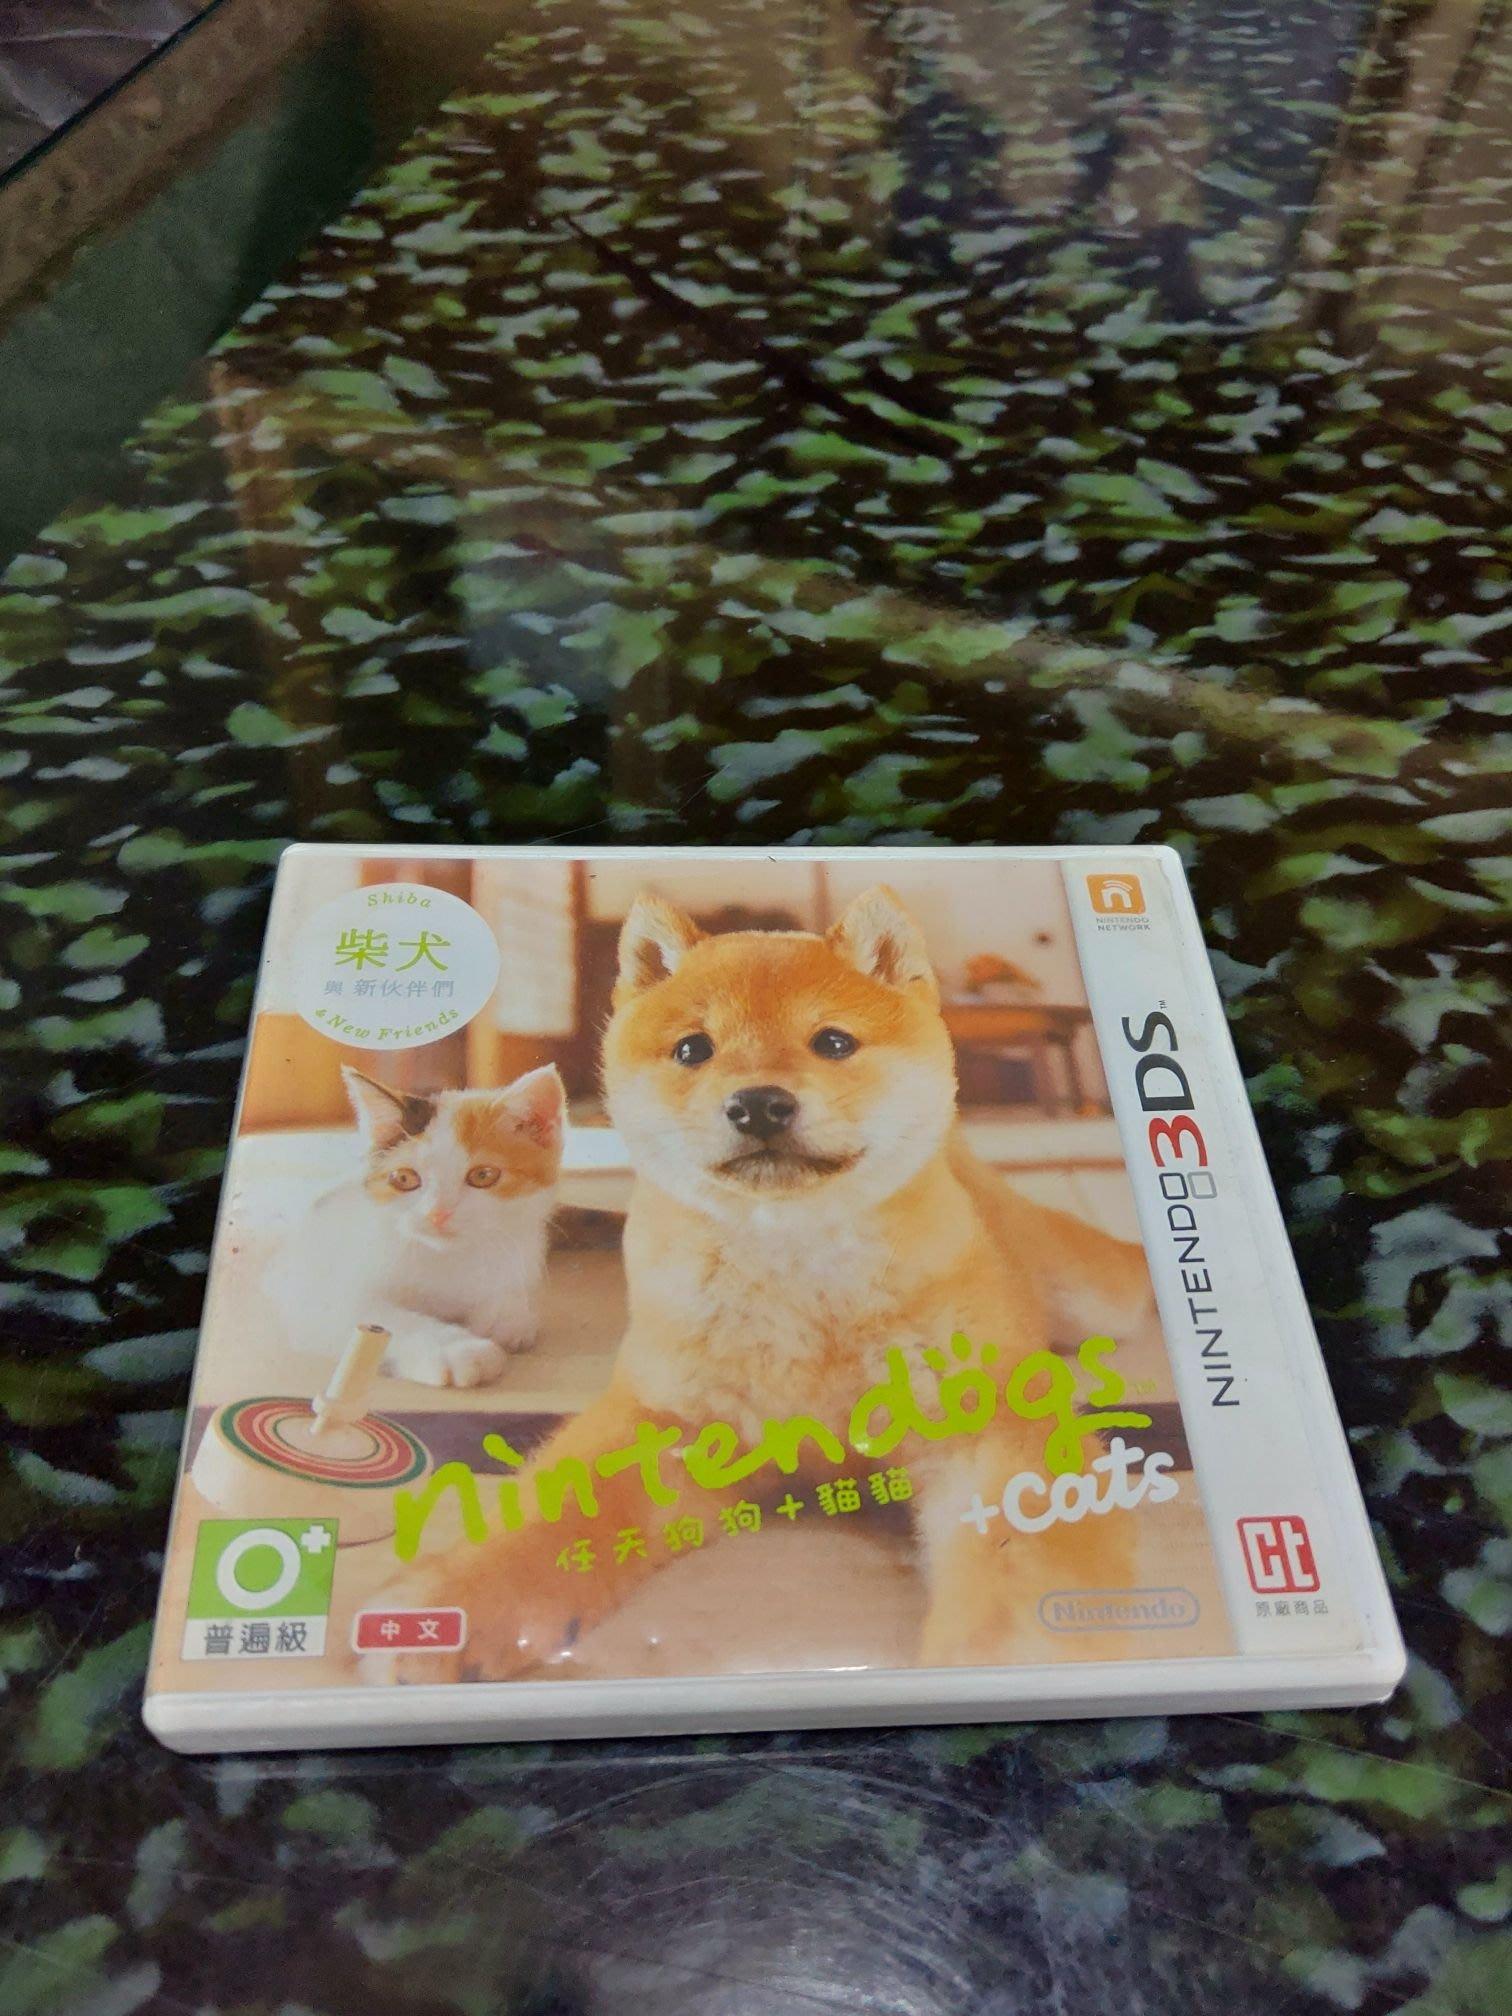 nintendo 任天堂3DS 遊戲片 【nintendodogs+cats 任天狗狗+貓貓 】二手品 日文版 CT原廠商品 台規機才能玩